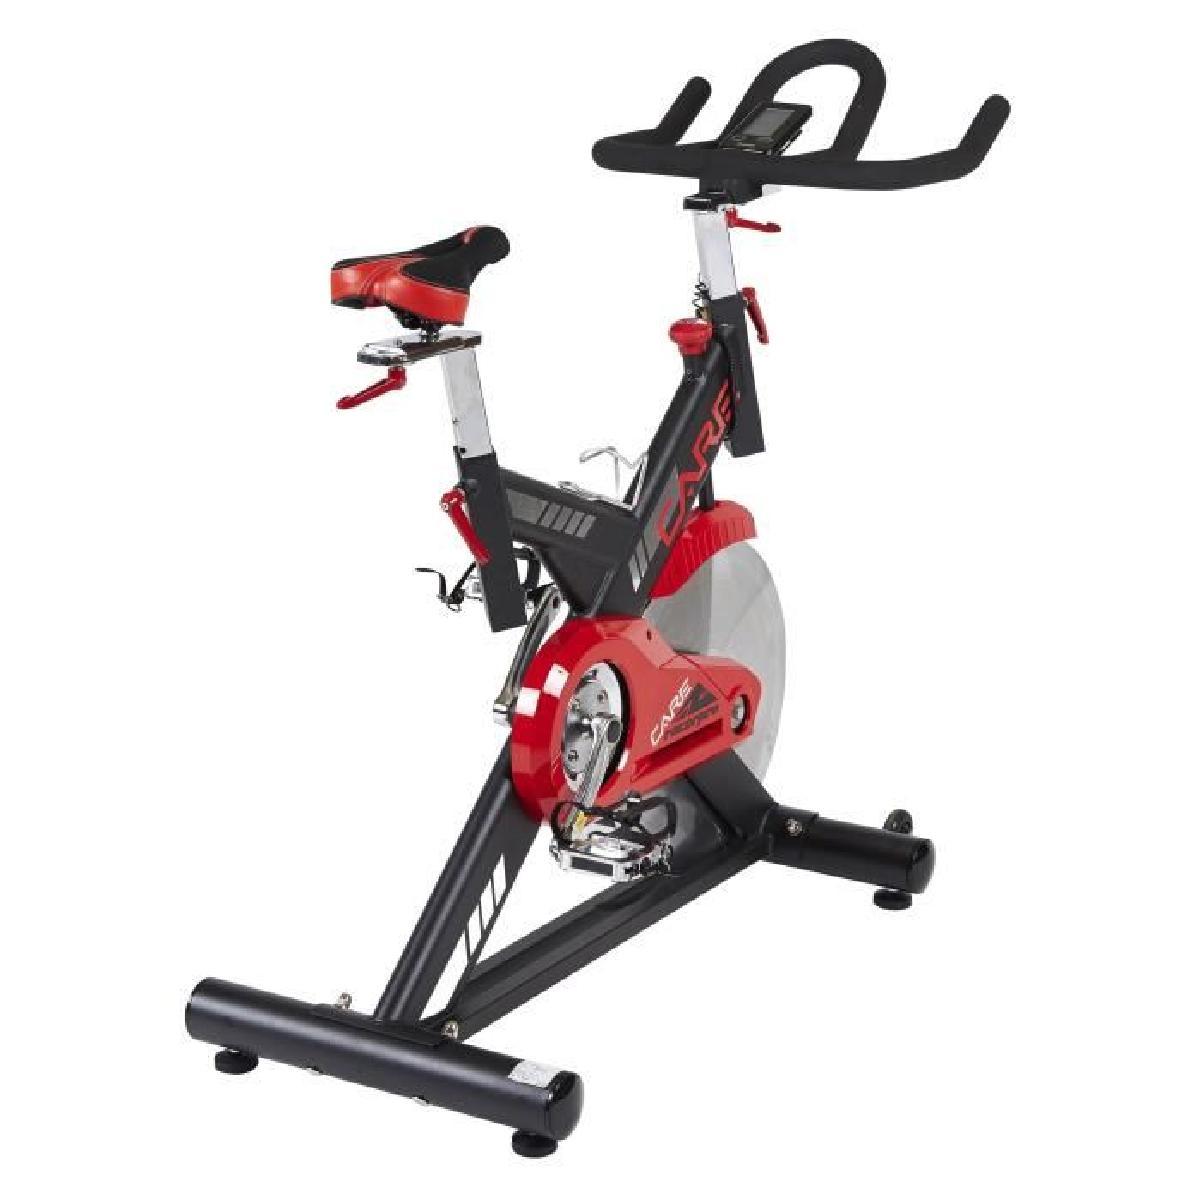 Velo spinning care muscu maison - Velo spinning magnetique ...